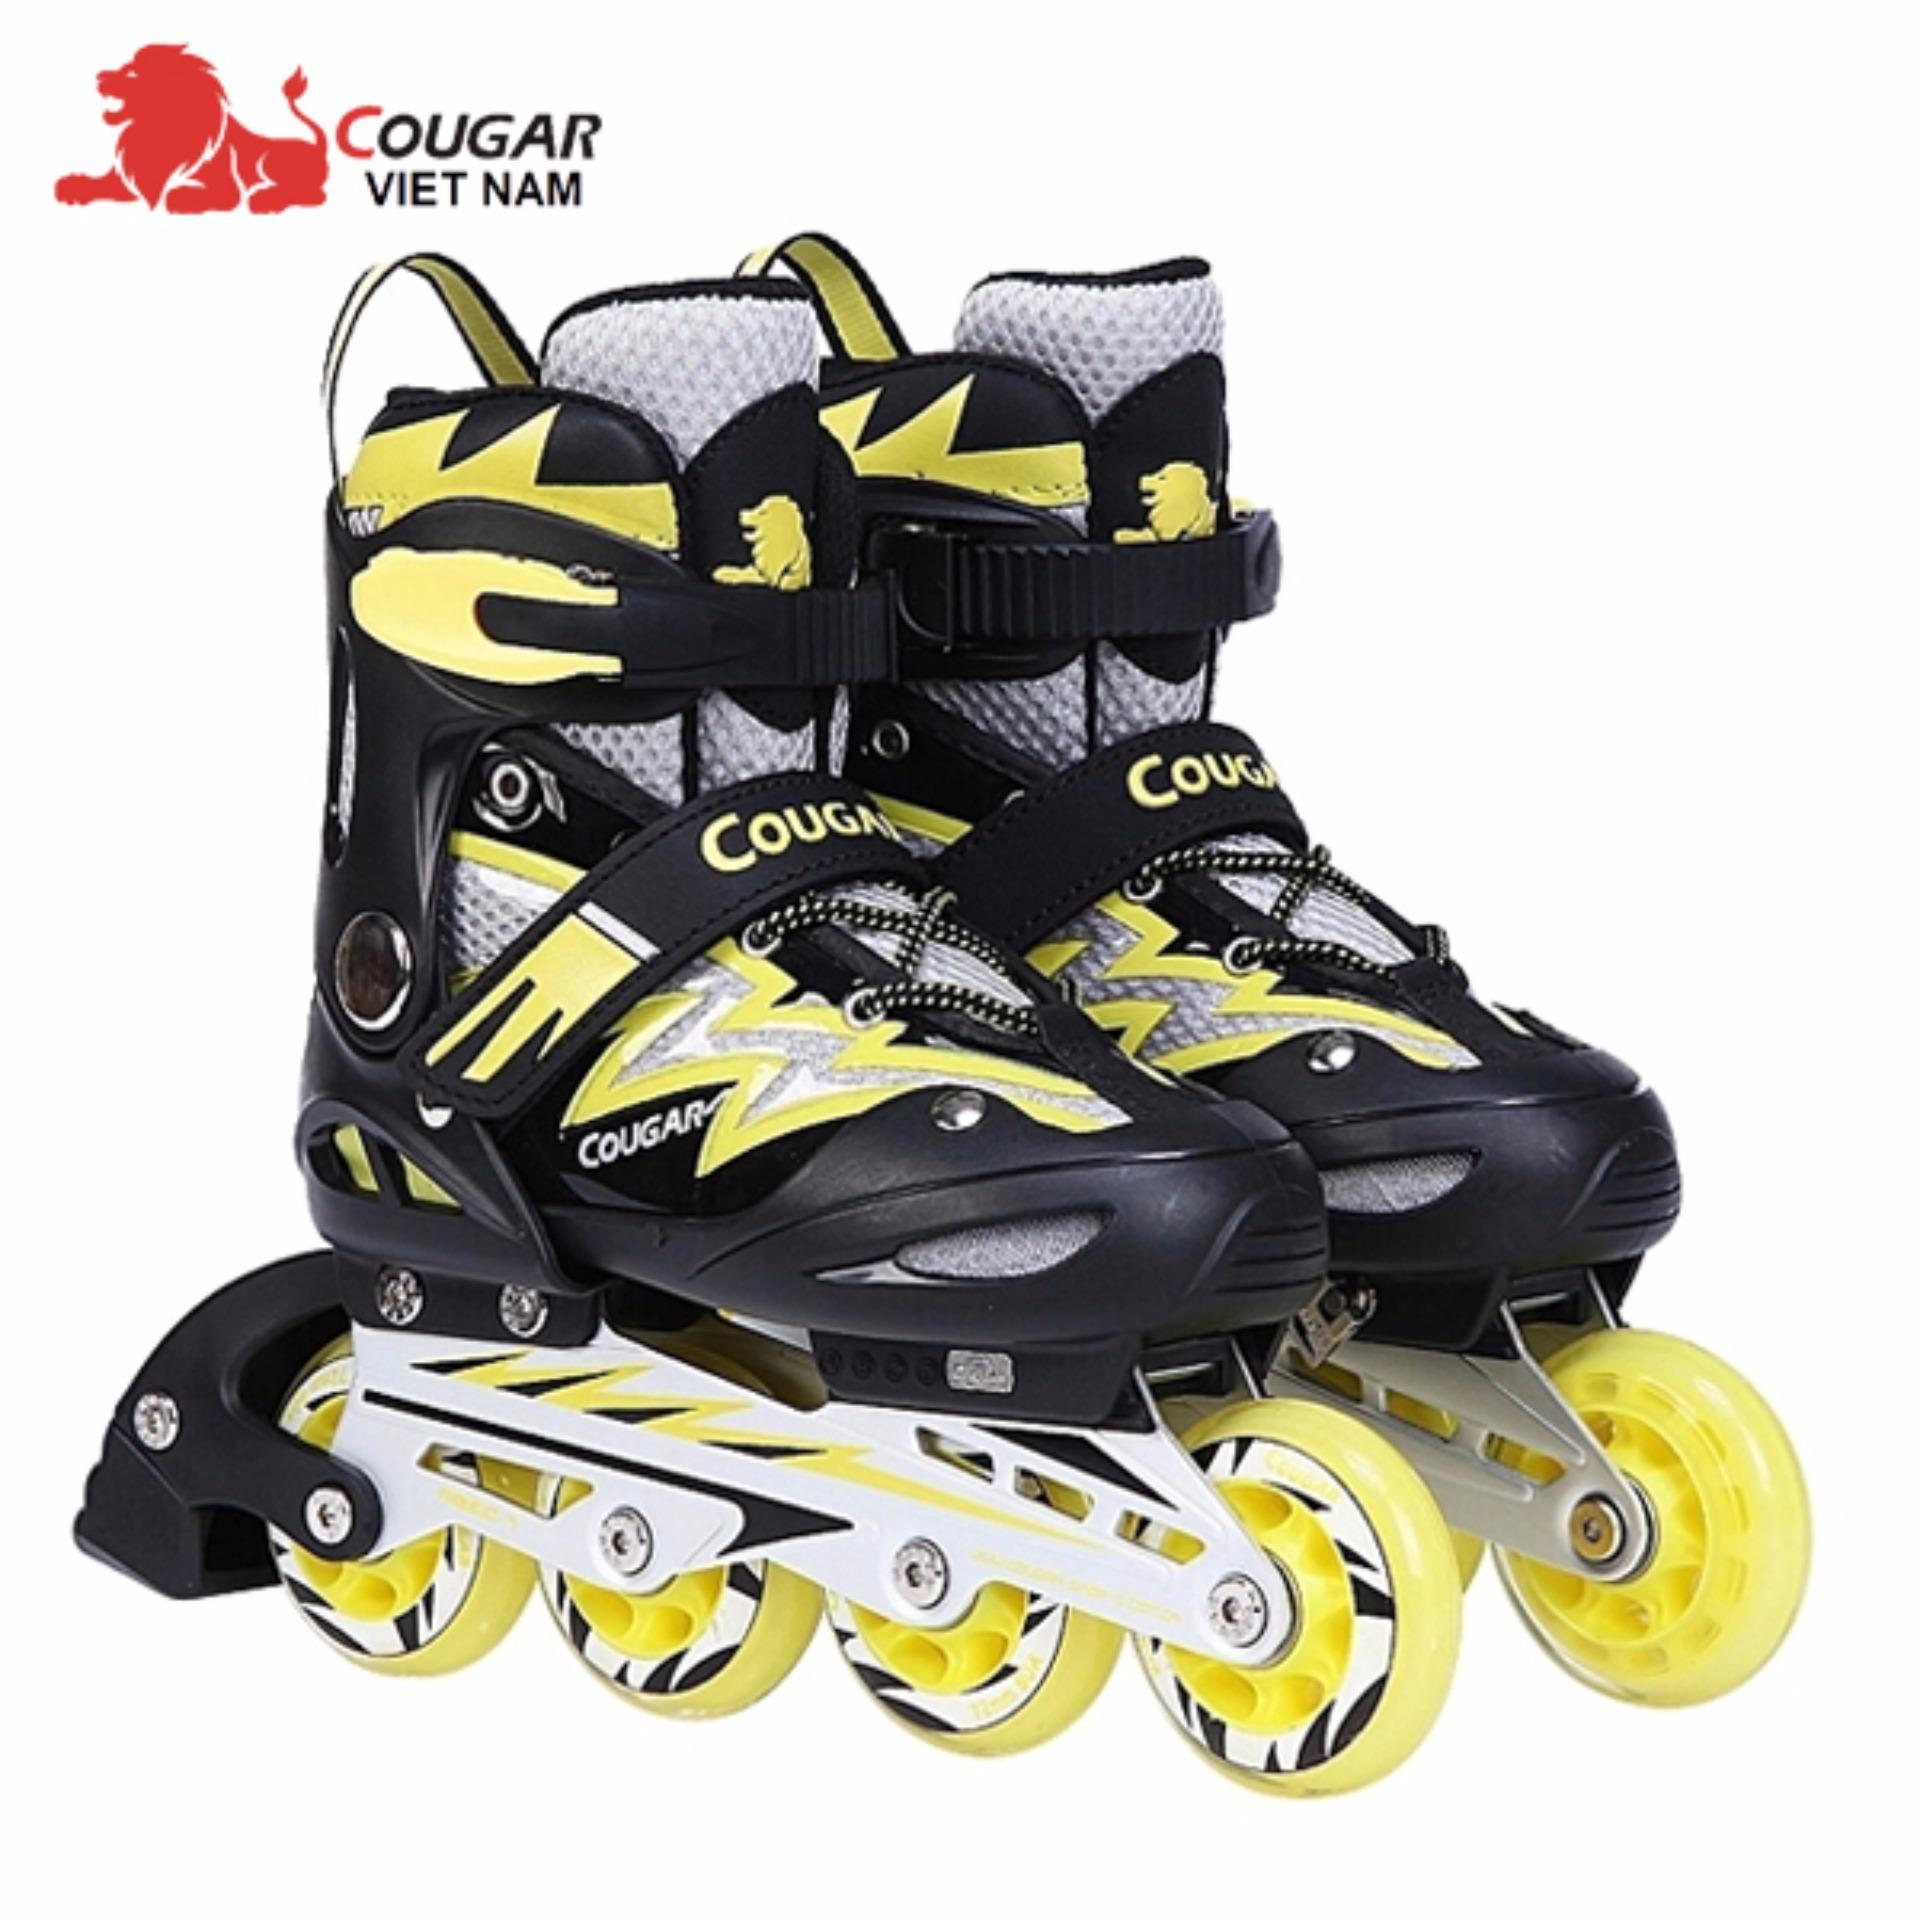 Giầy trượt Patin có đèn 835LSG màu Vàng đen - thể thao